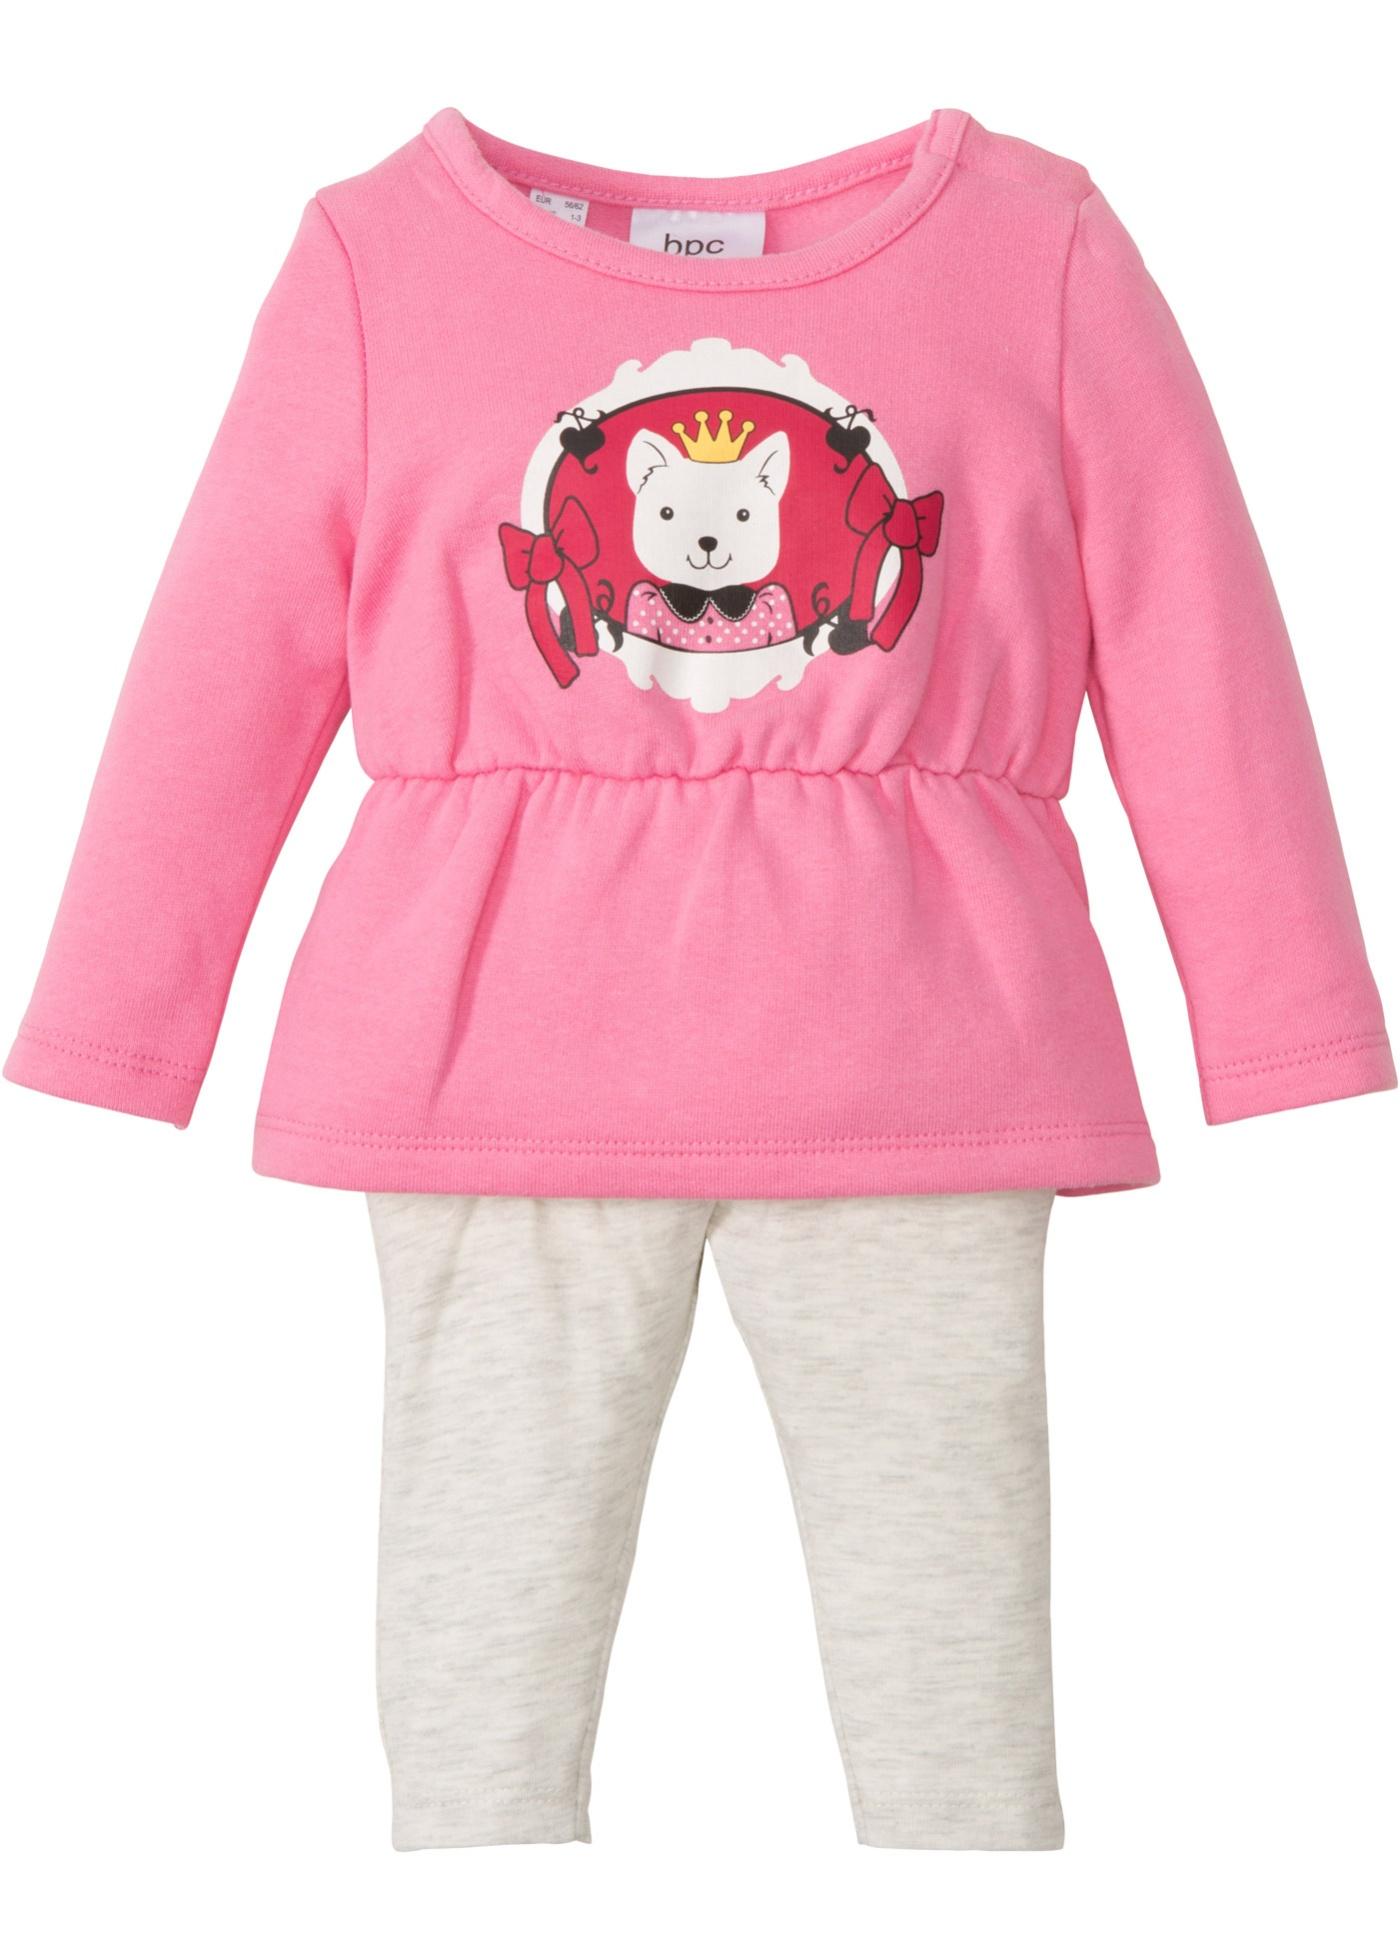 Abito in felpa + leggings (set 2 pezzi) in cotone biologico (rosa) - bpc bonprix collection